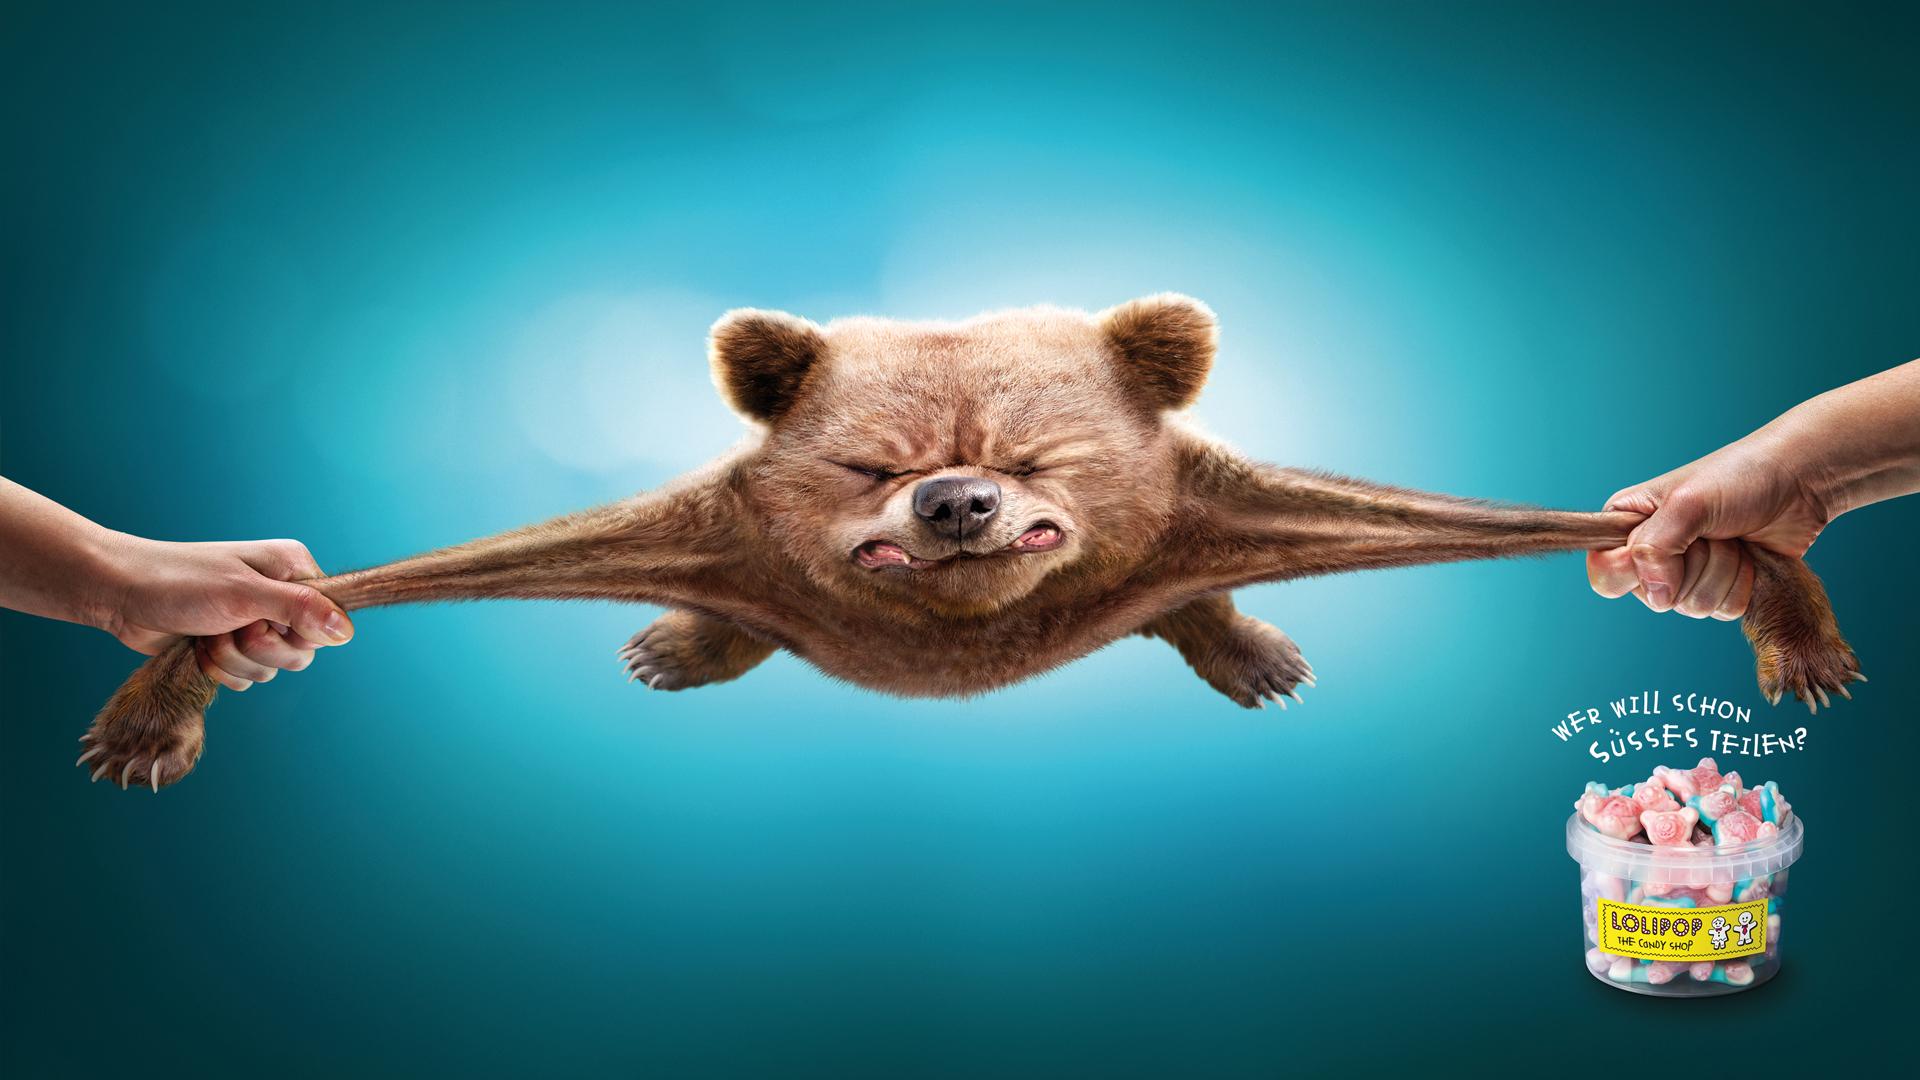 Lolipop_unteilbar_bear